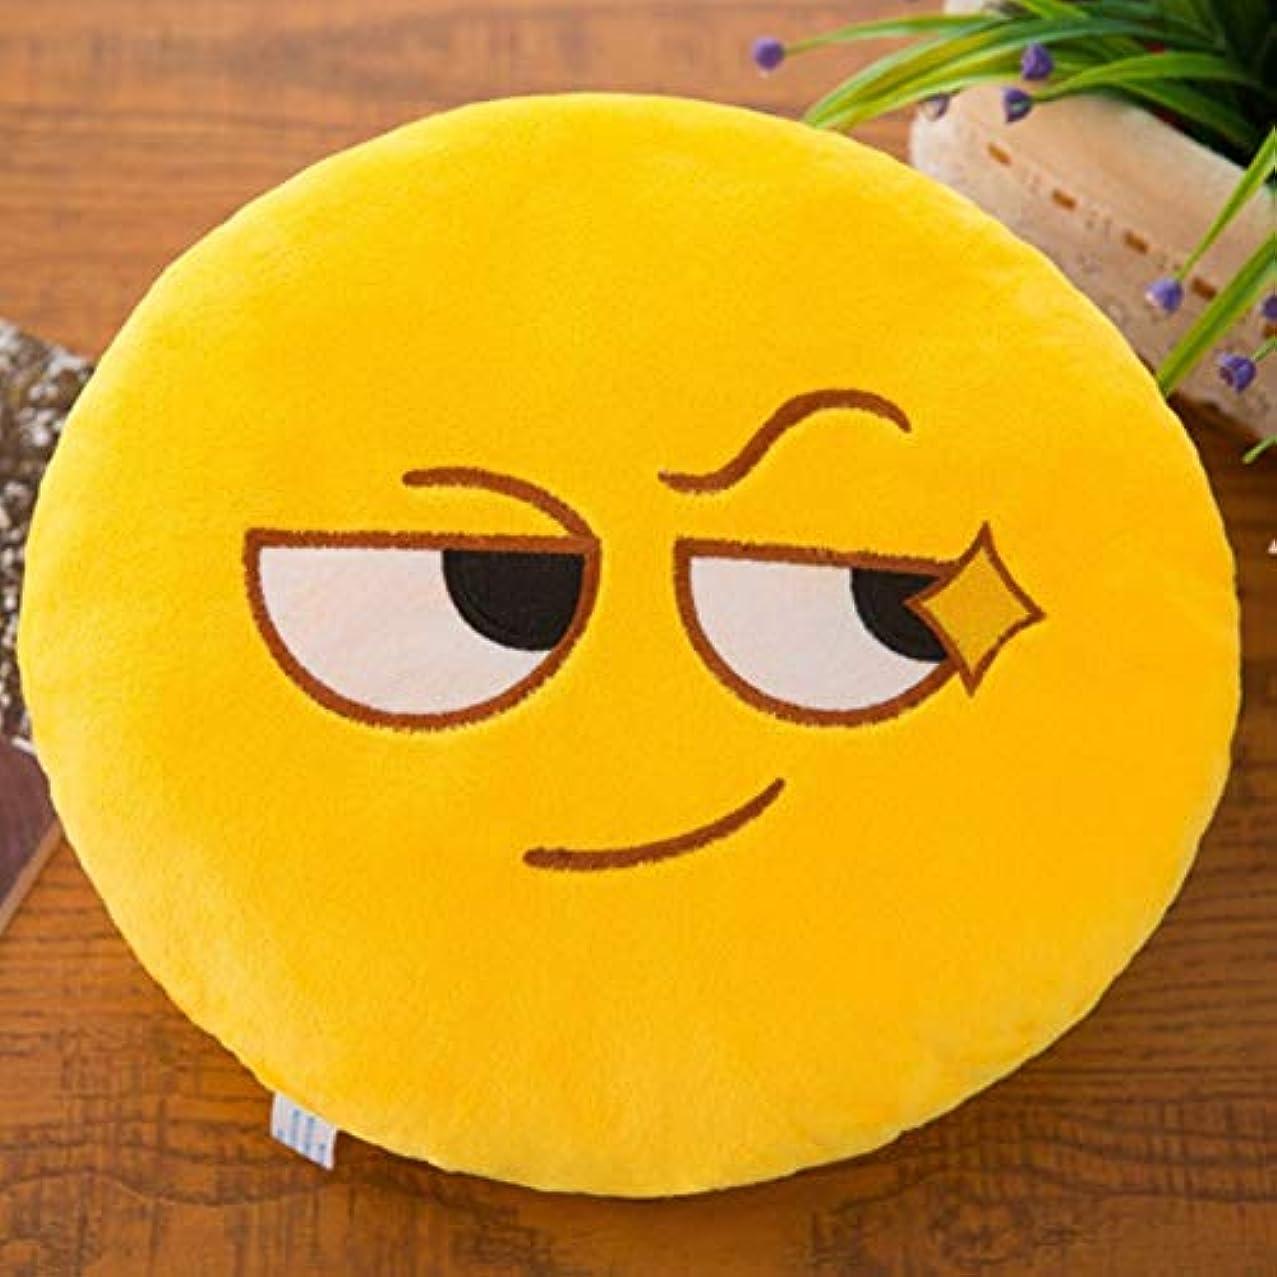 小数心理的機構LIFE 40 センチメートルスマイル絵文字枕ソフトぬいぐるみ絵文字ラウンドクッション家の装飾かわいい漫画のおもちゃの人形装飾枕ドロップ船 クッション 椅子